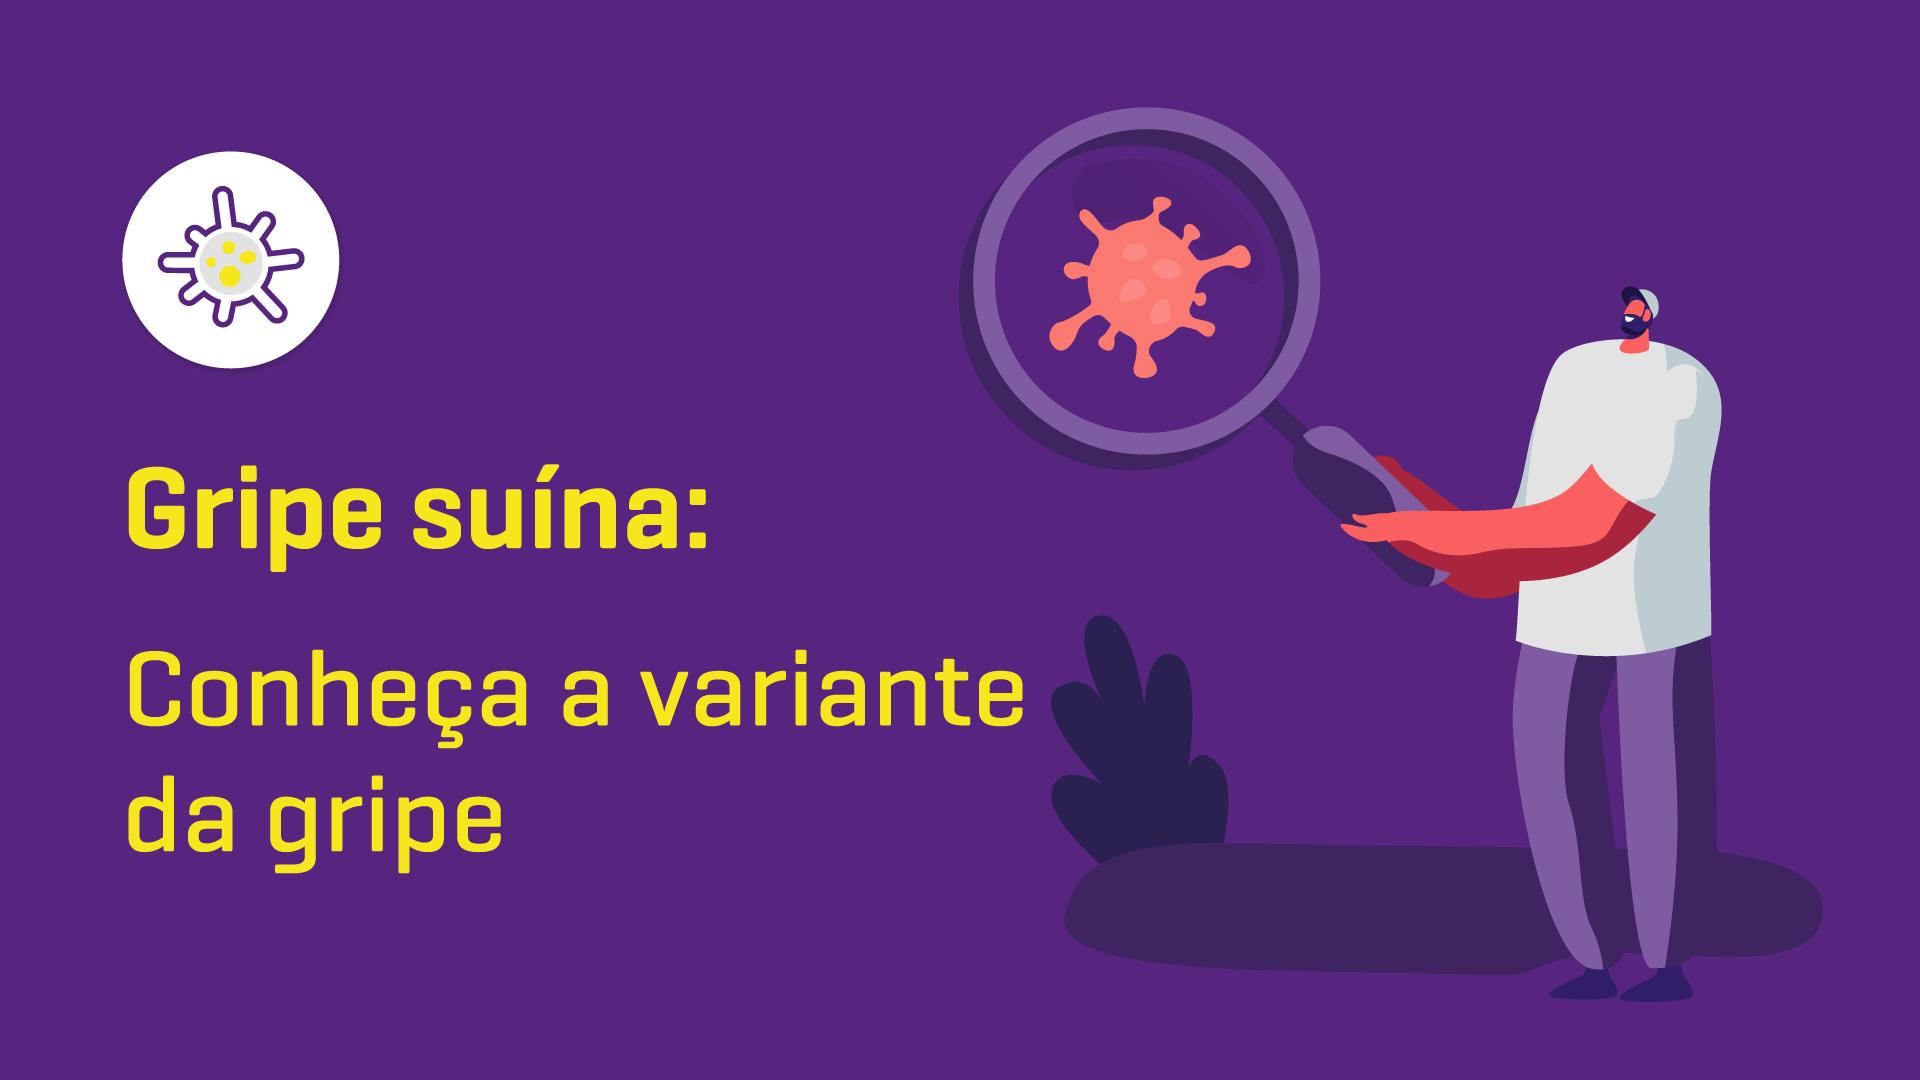 Gripe Suína: conheça a variante da gripe